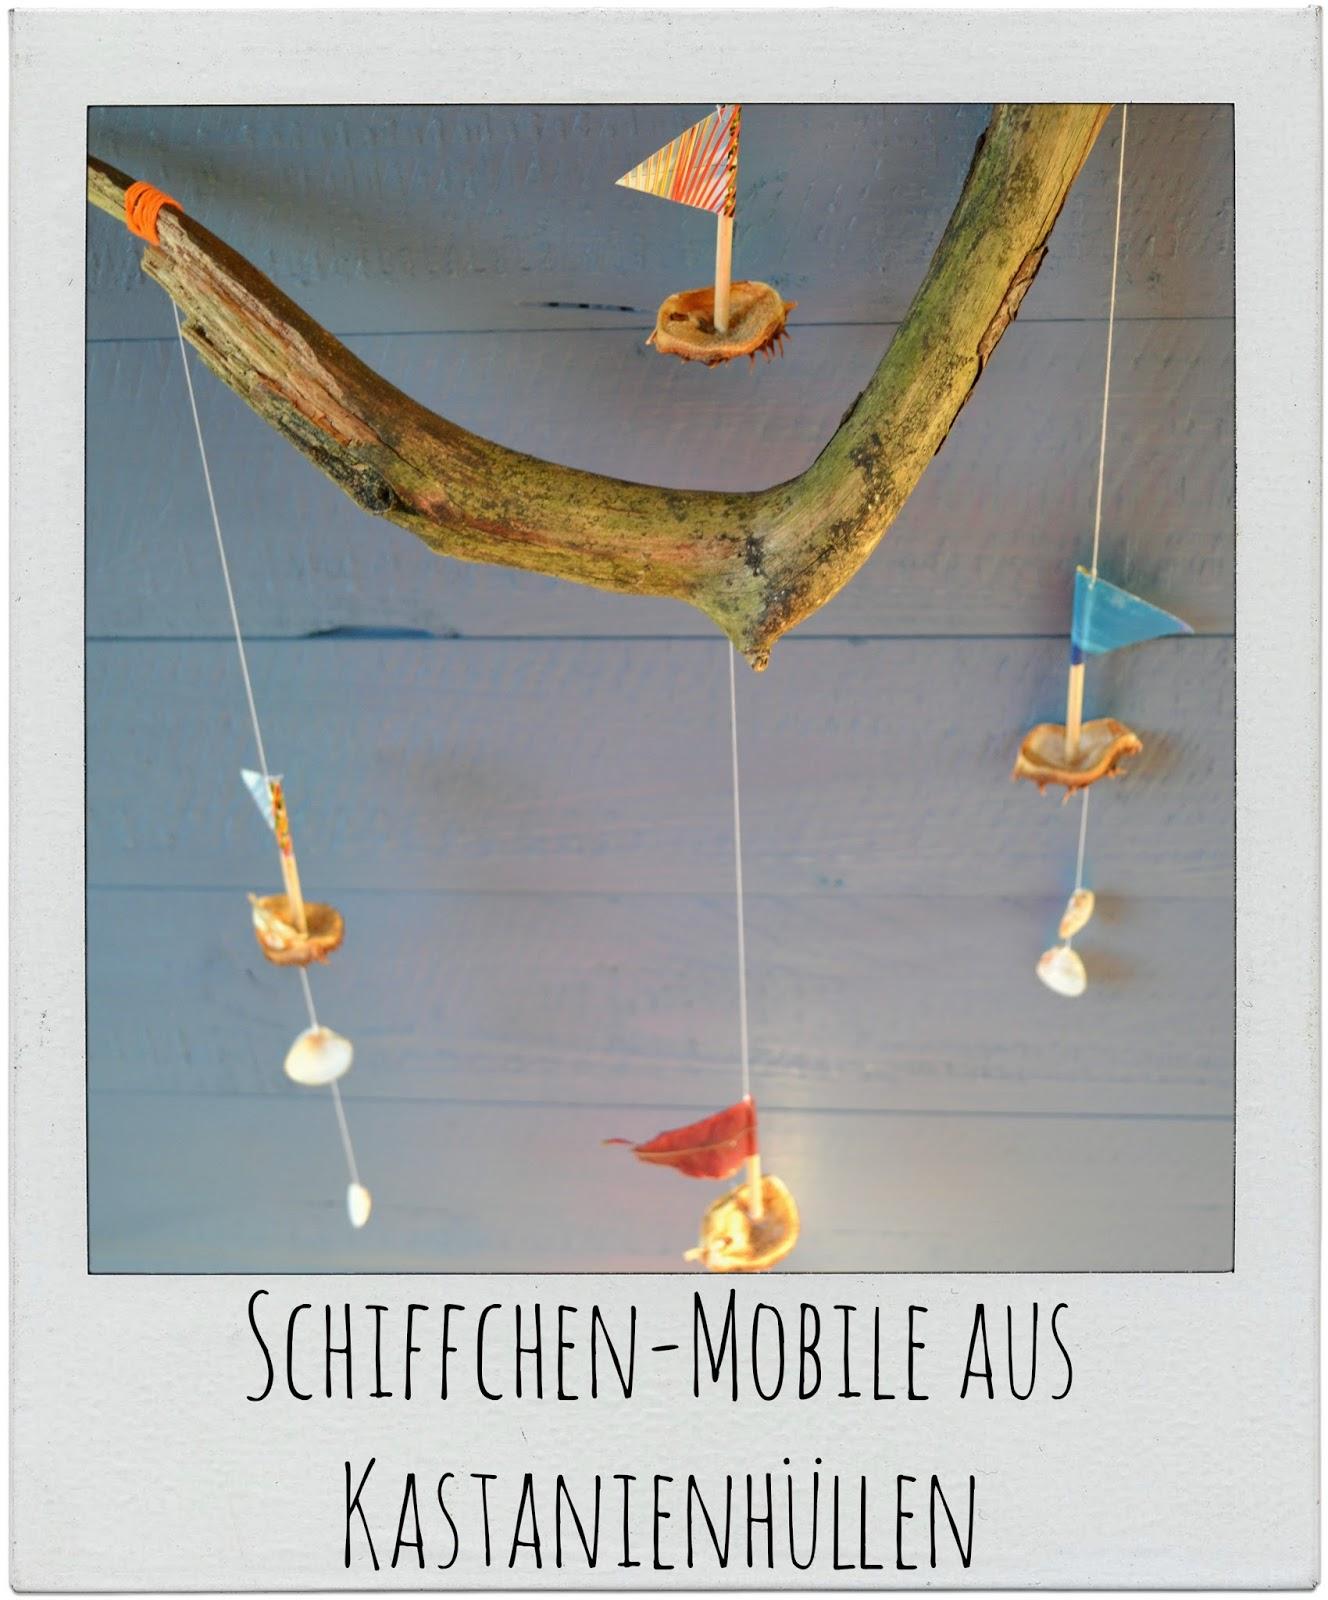 http://gemachtesundgedachtes.blogspot.de/2014/10/Selbstgemacht-herbstliches-schiffchenmobile.html